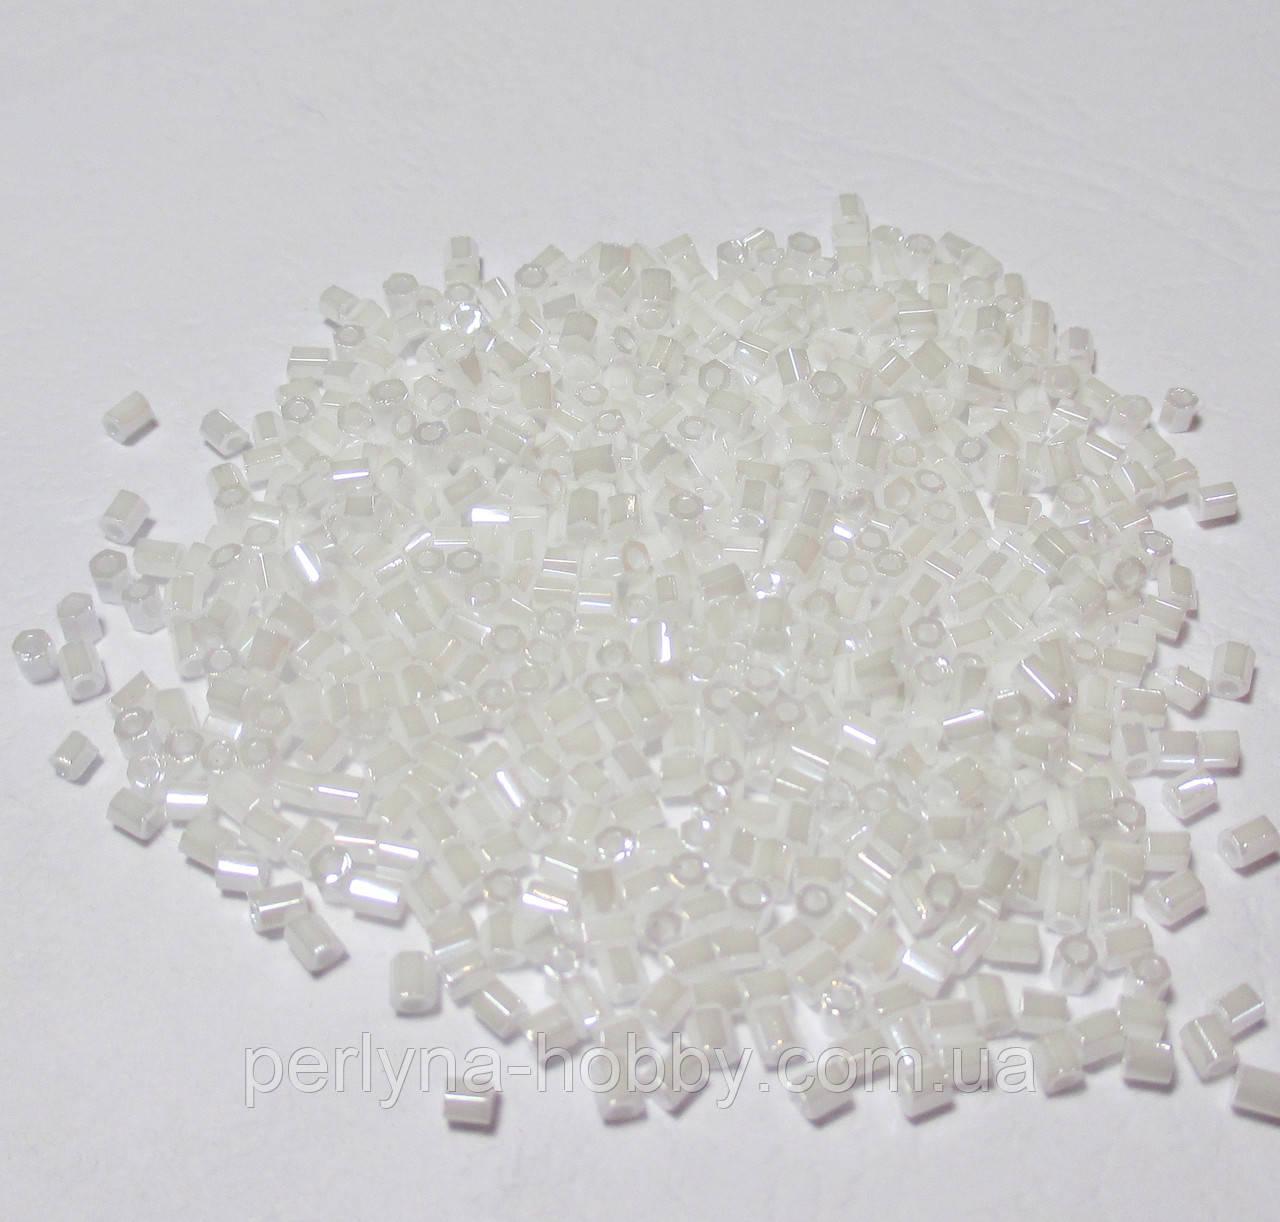 Бісер (бисер) MATSUNO Японія  рубка, 11/ 2 CUT 100 грам, № 334білий